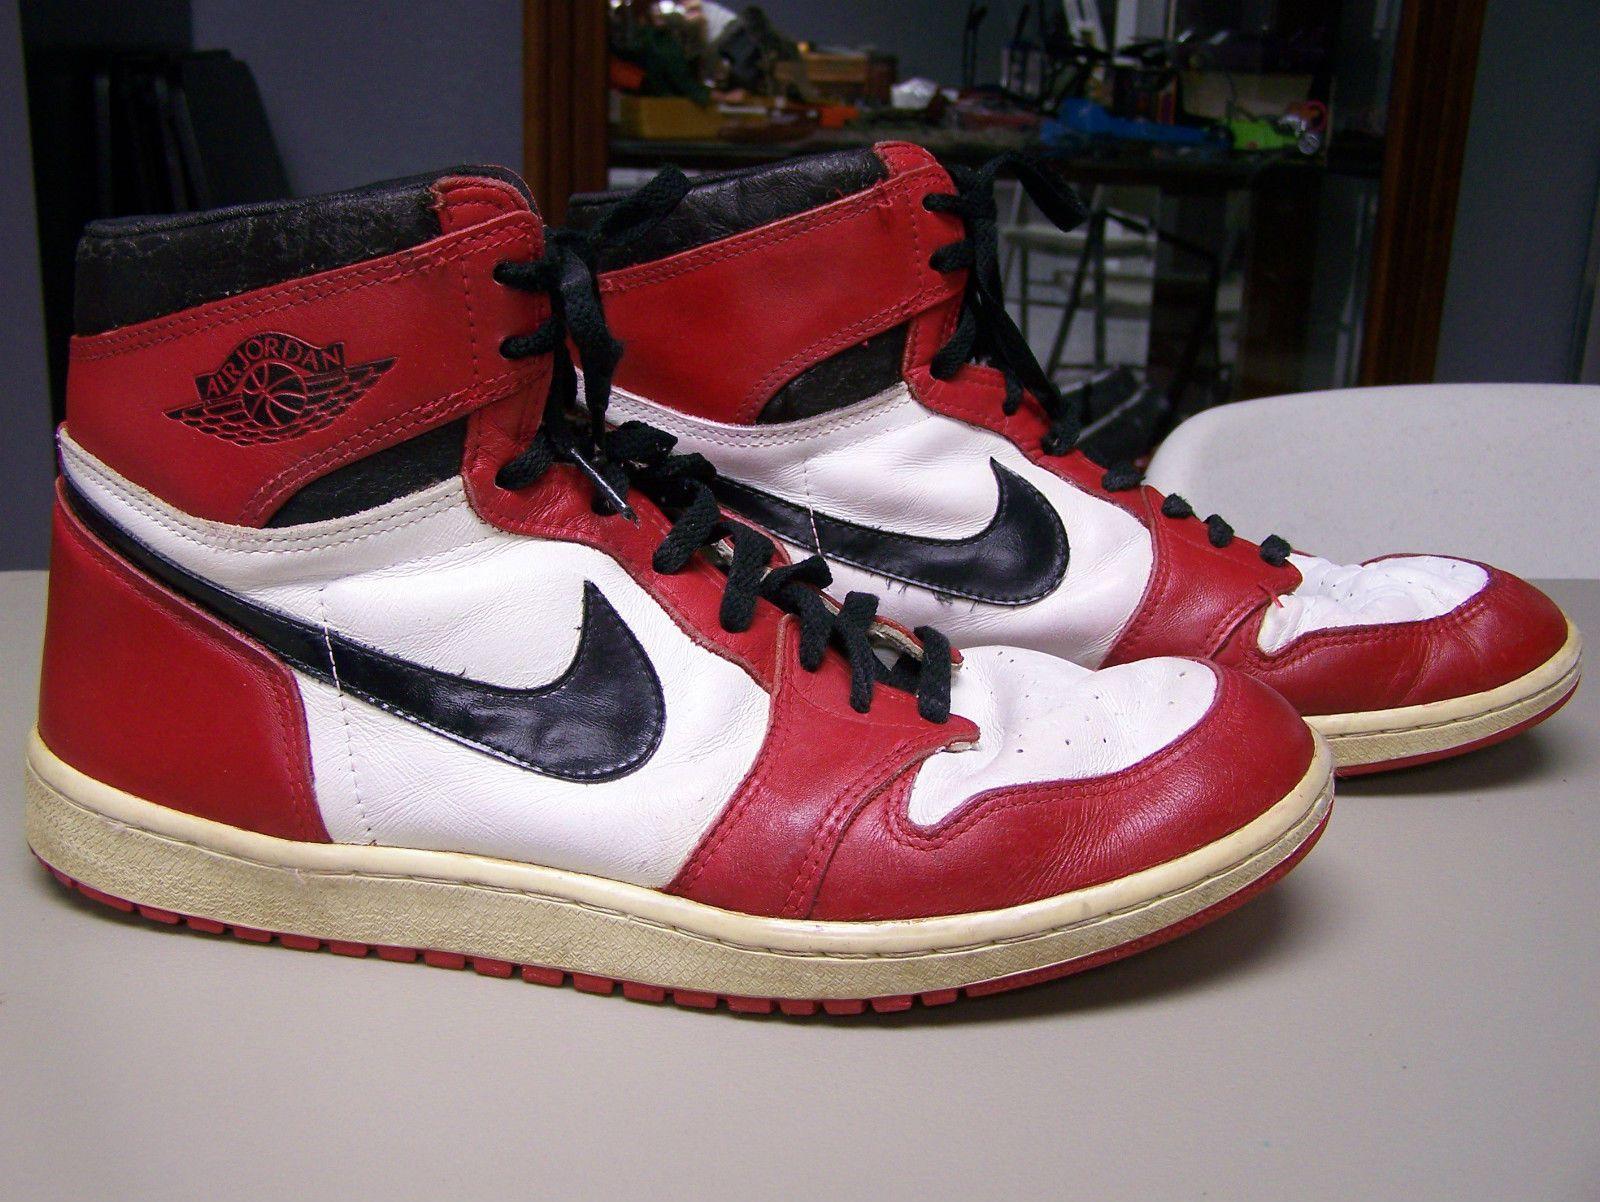 ORIGINAL NIKE AIR JORDAN shoes Vintage SIZE 14 Michael Jordan ...